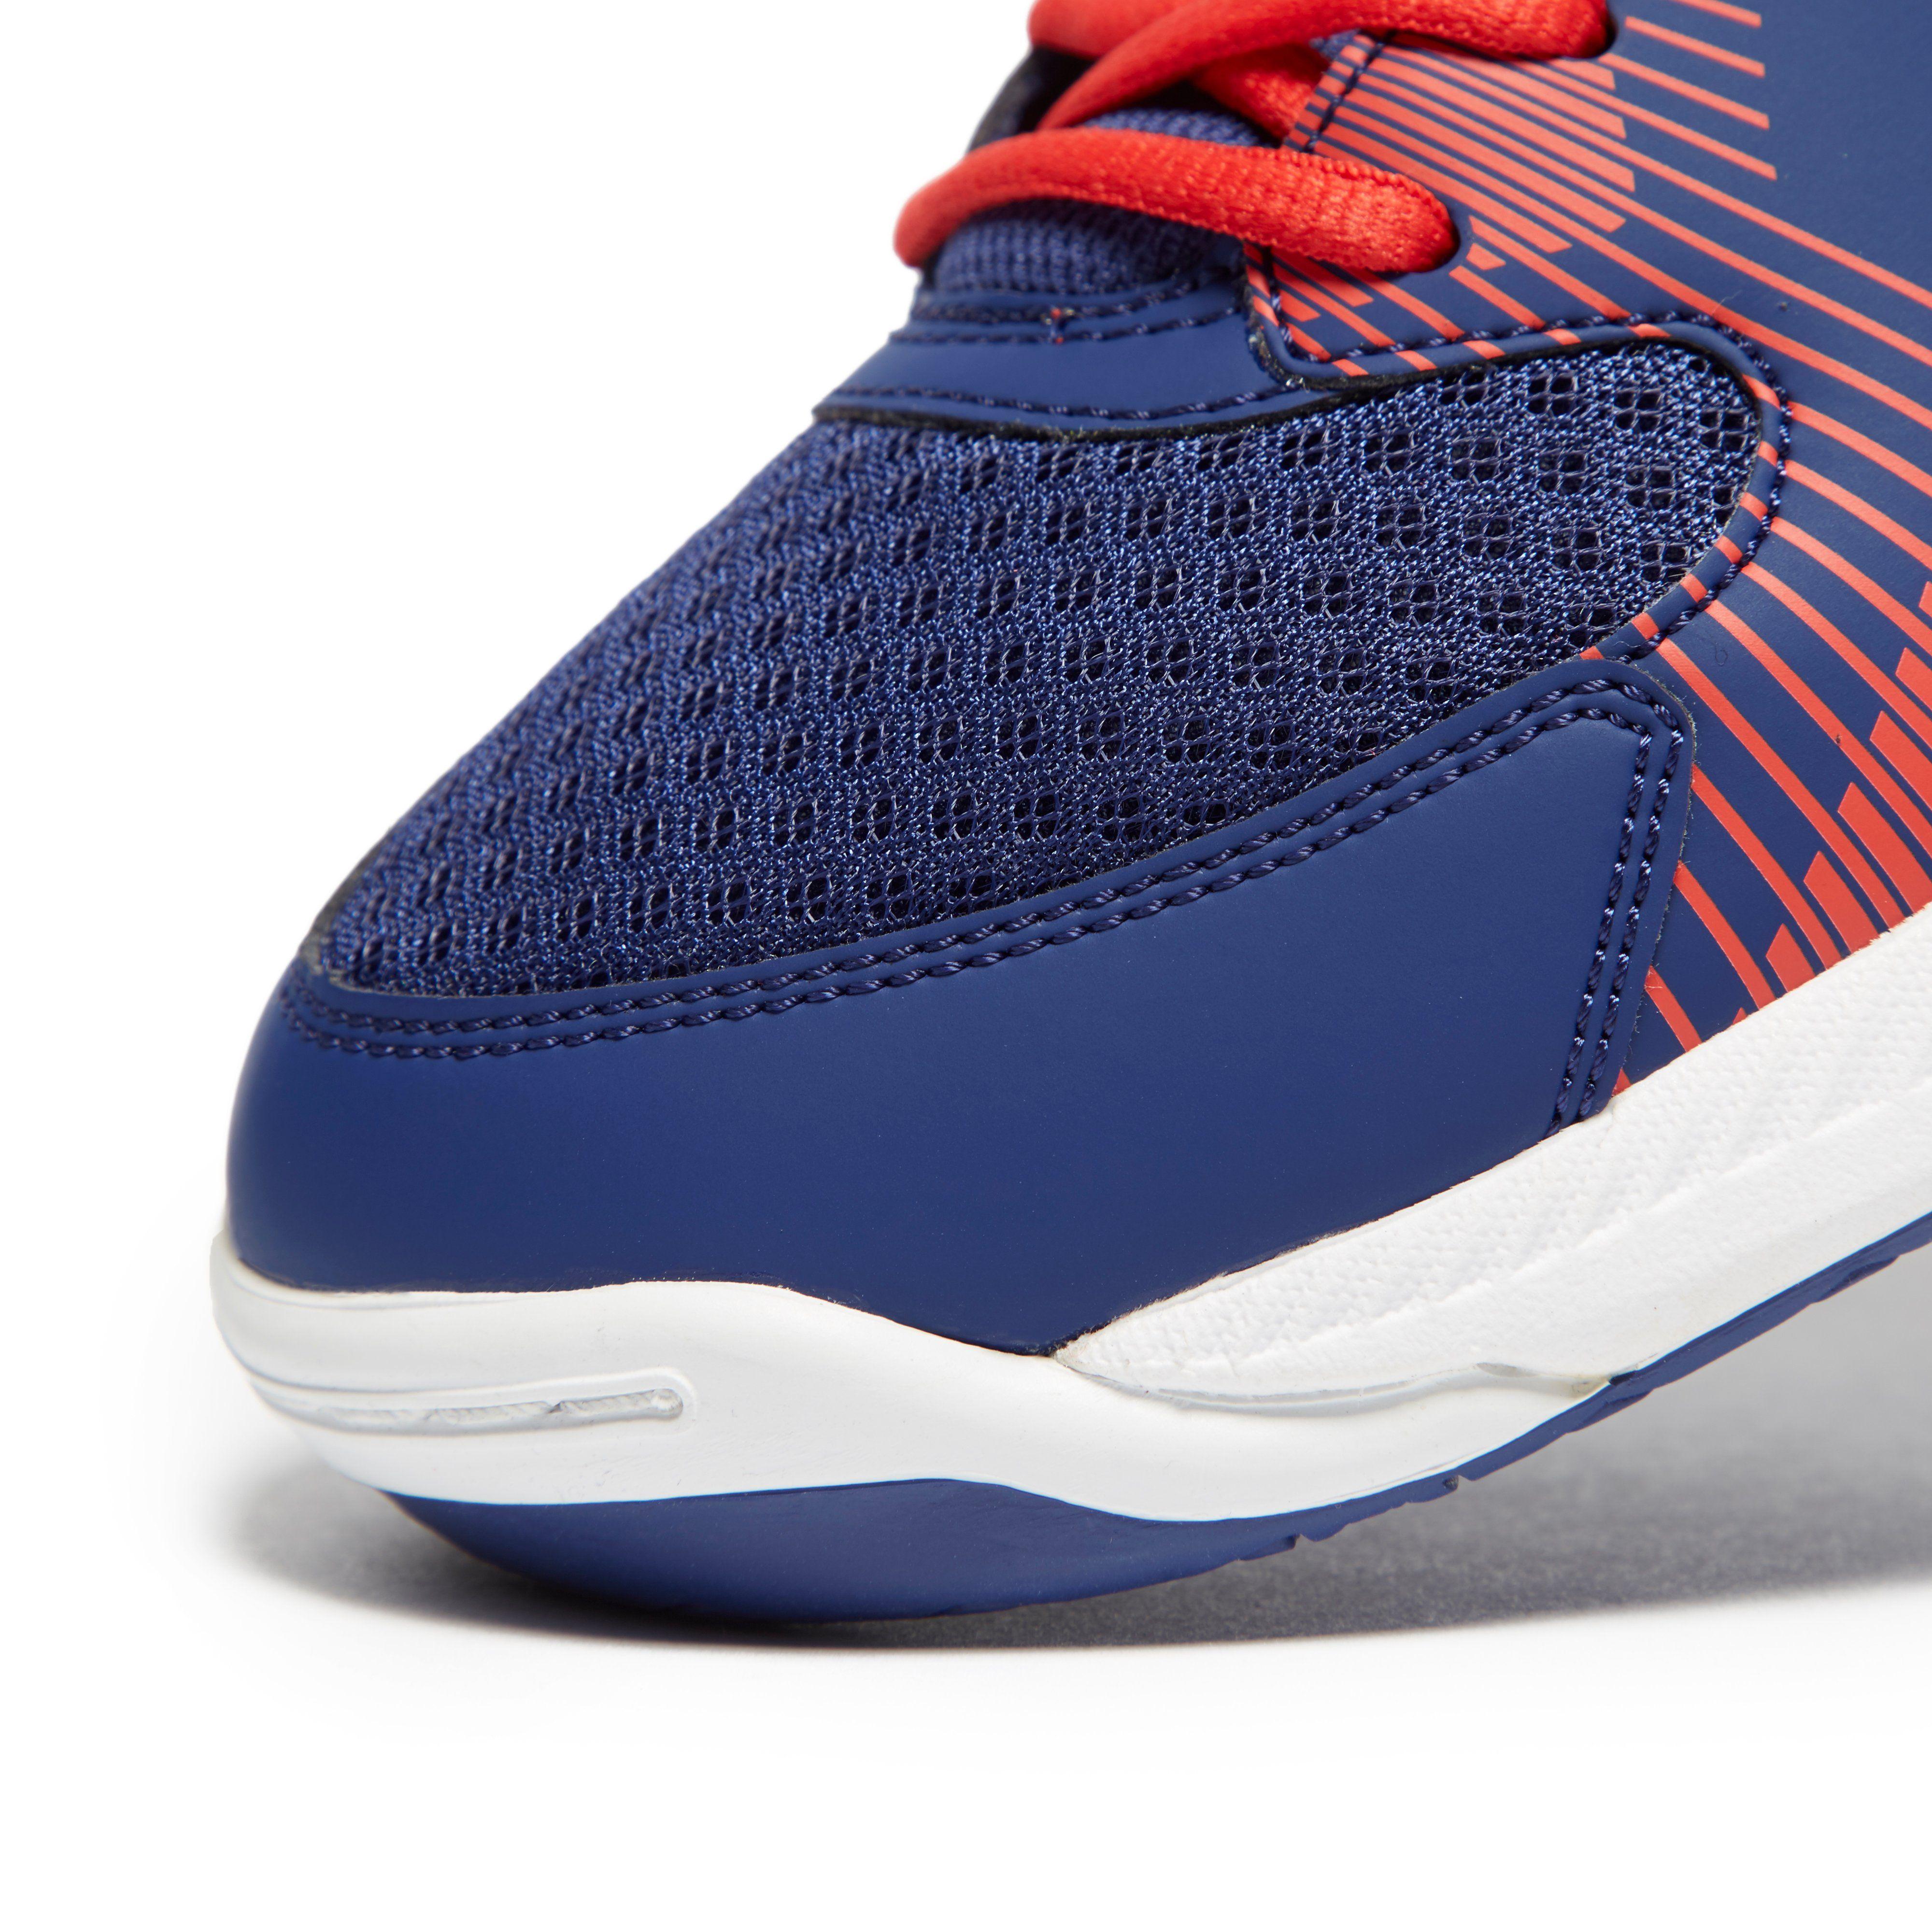 ASICS Gel-Task 2 Men's Indoor Court Shoes